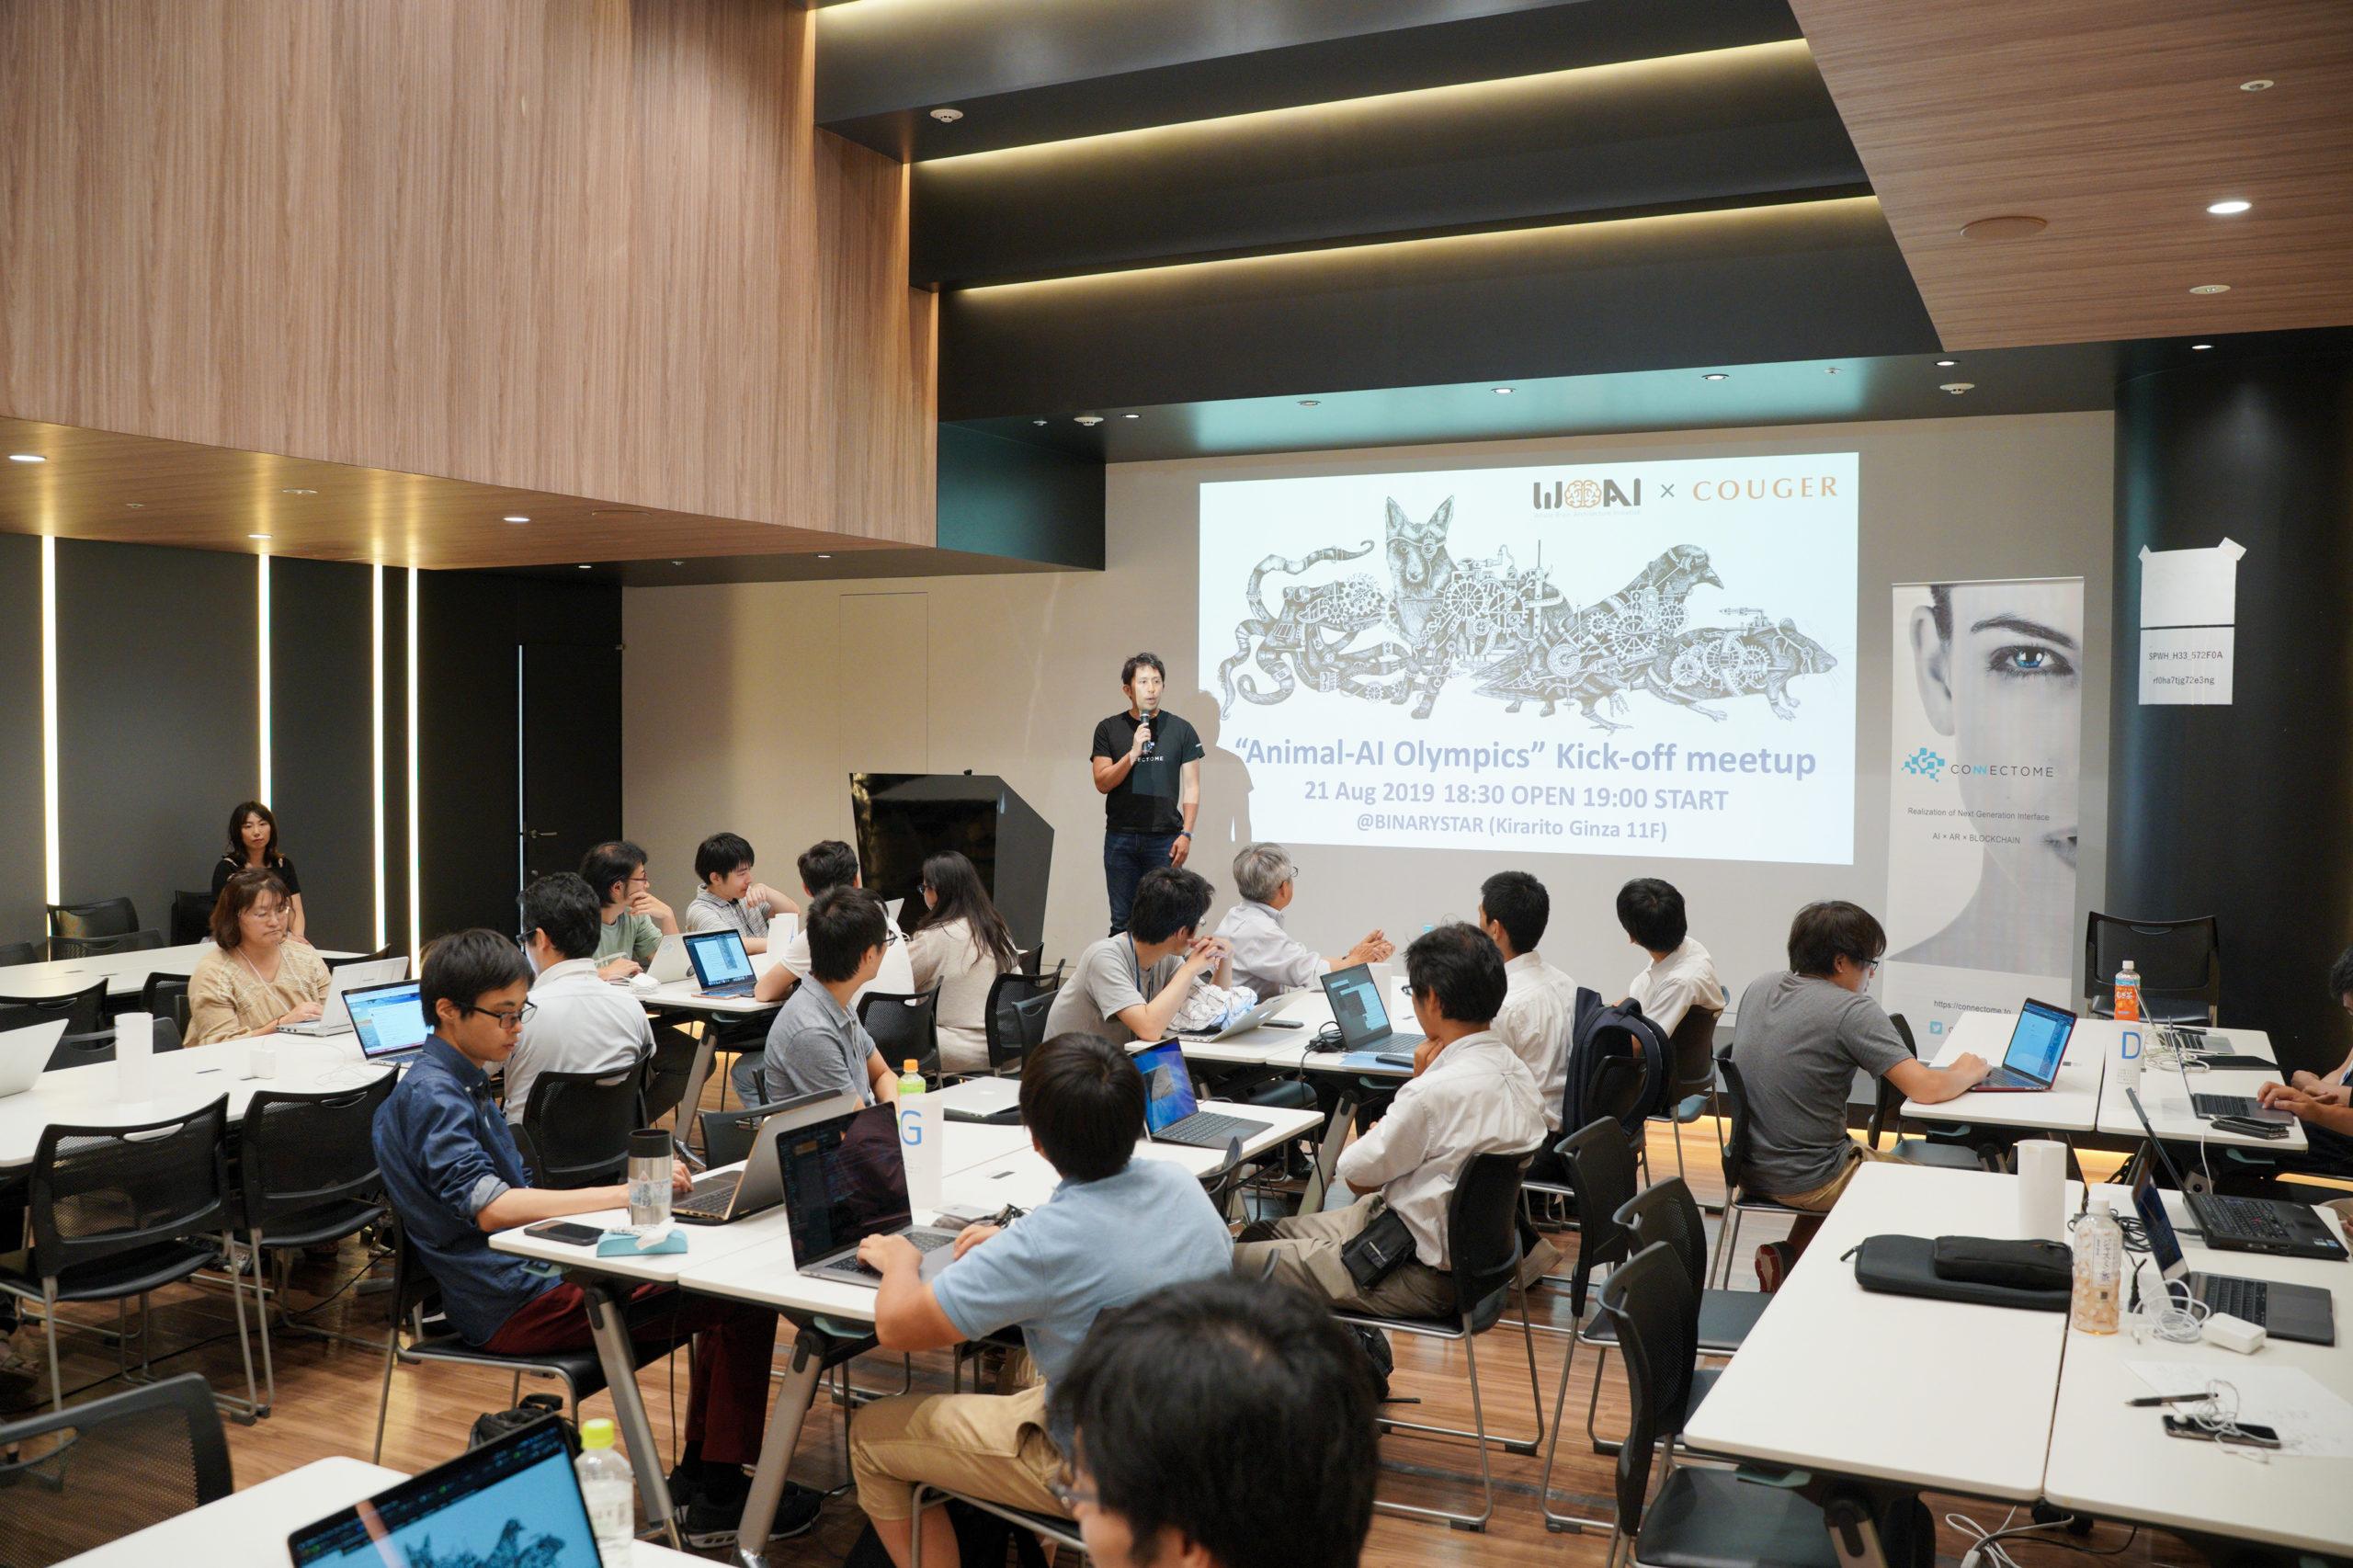 全脳アーキテクチャ・イニシアティブと、動物の知能を再現するコンテスト「Animal AI Olympic」関連イベントを共催しました